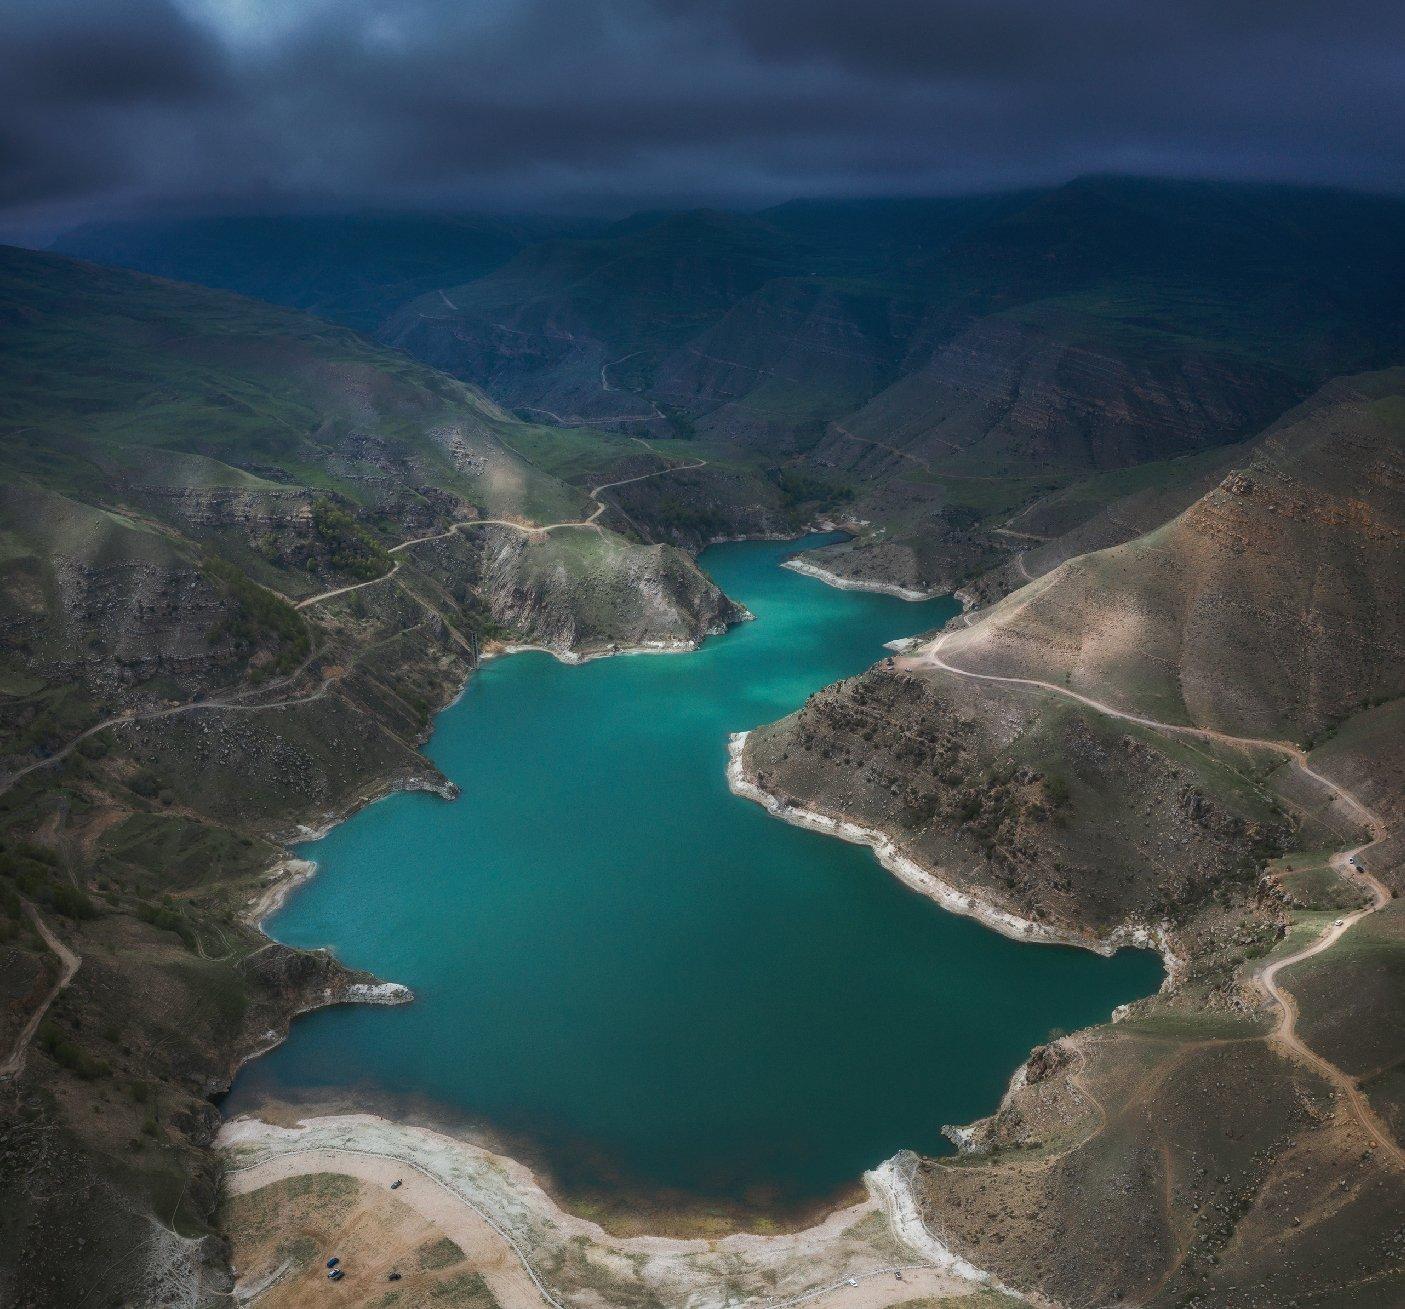 гижгит, озеро, кавказ, пейзаж, Сергей Луканкин